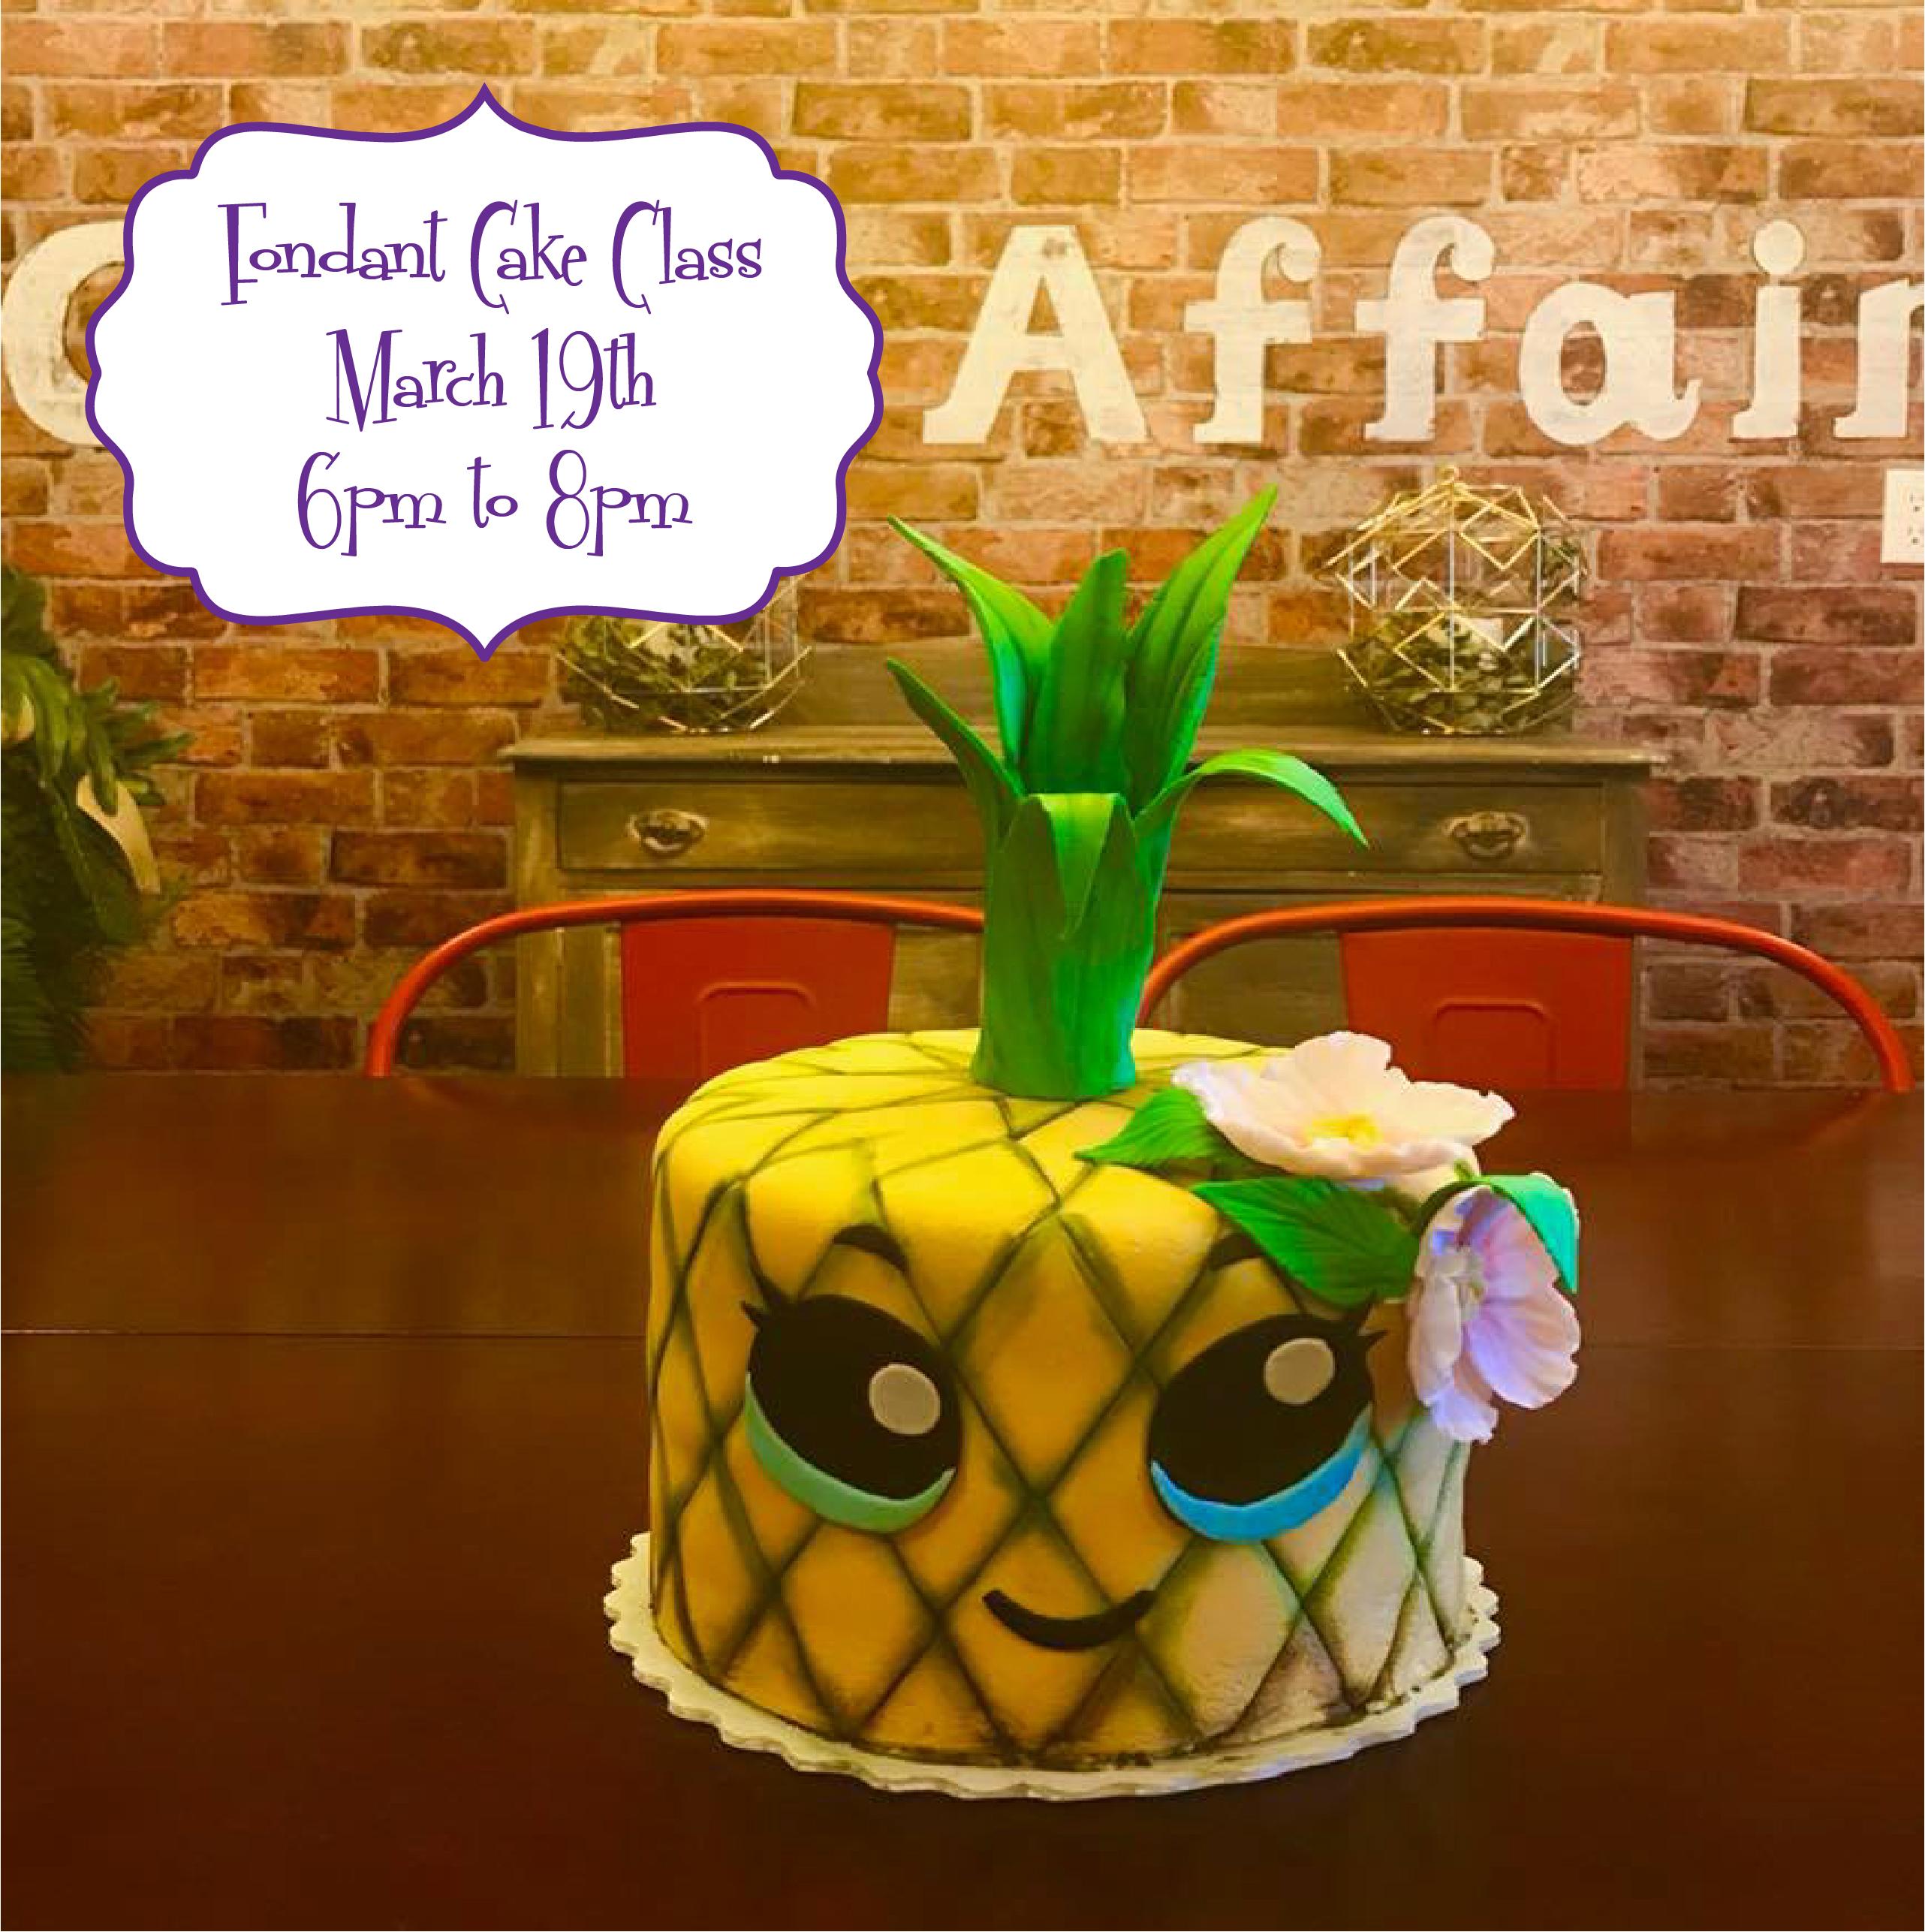 Fondant Cake Class - Cake Affair